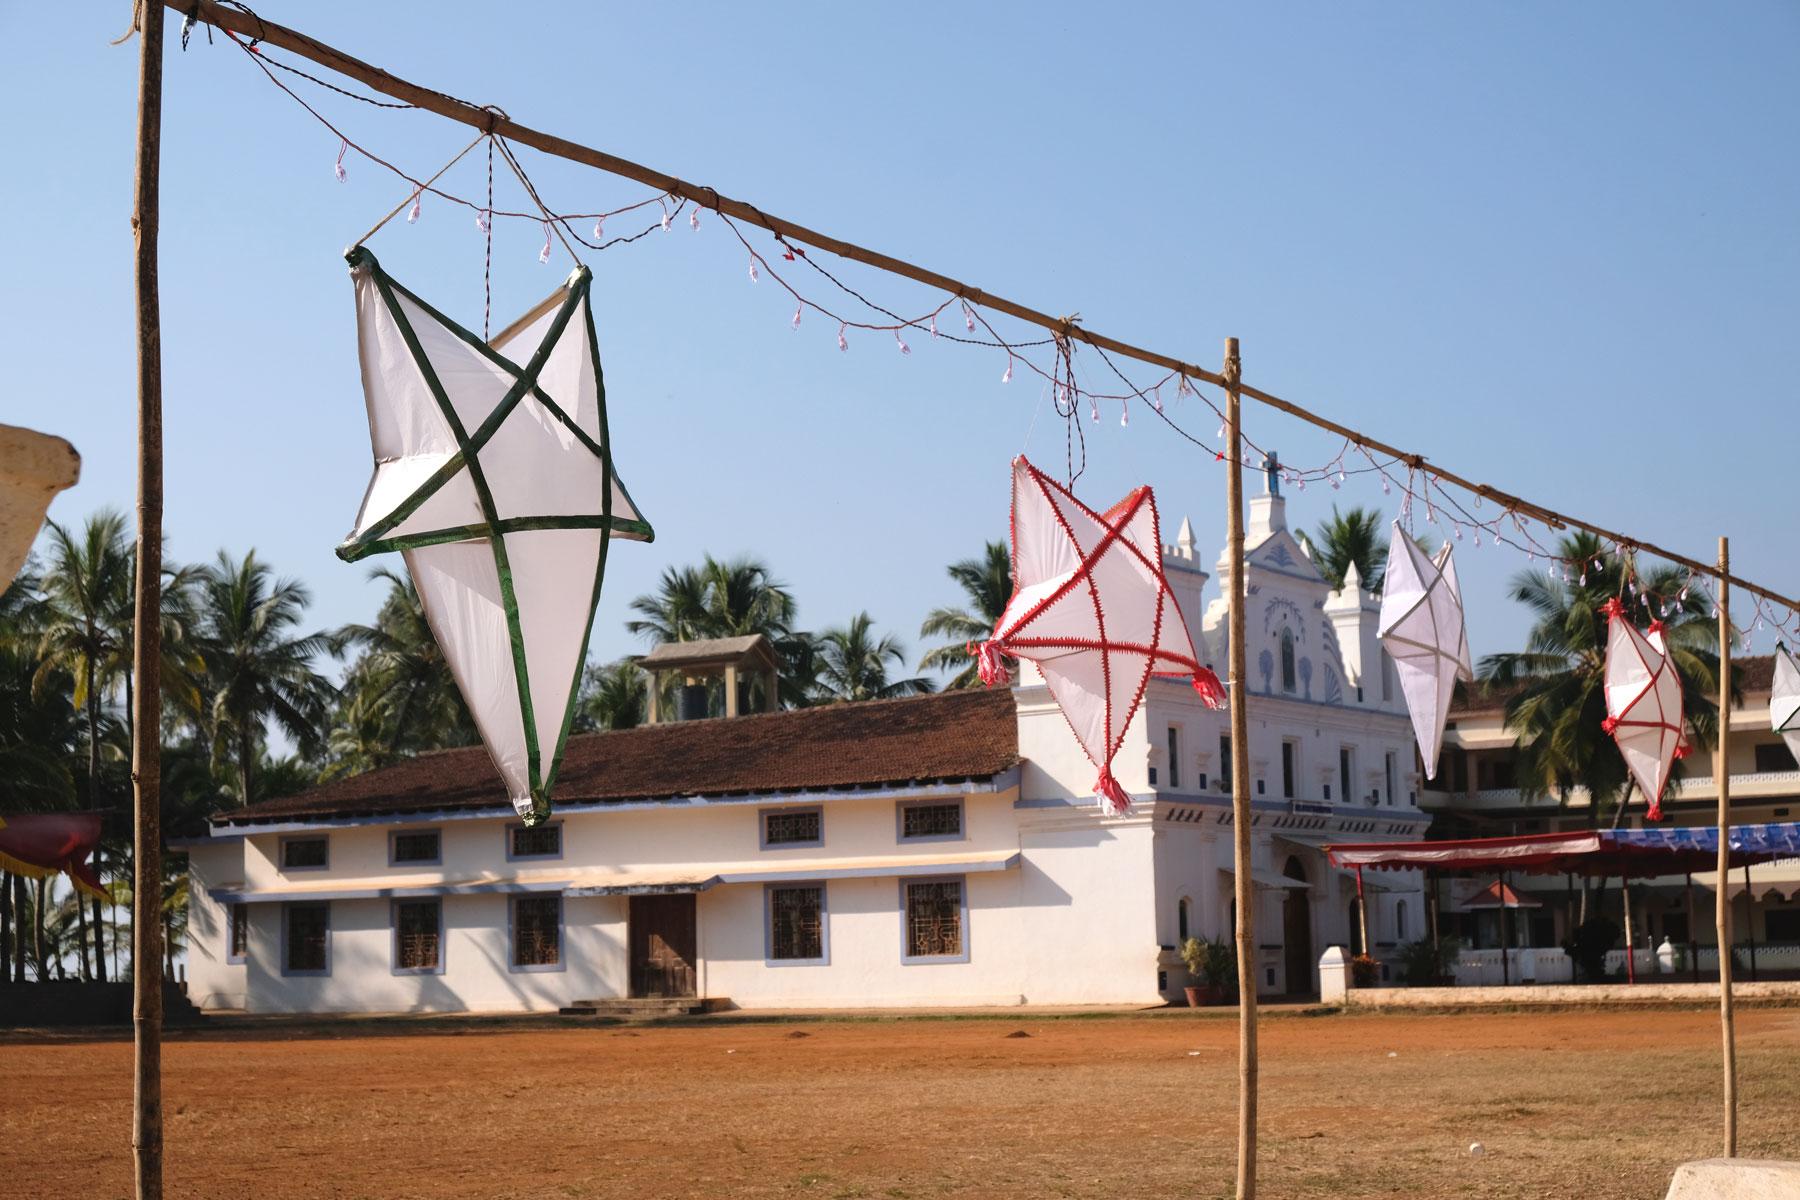 Lampions in Sternenform vor einer Kirche in Agonda in Goa.